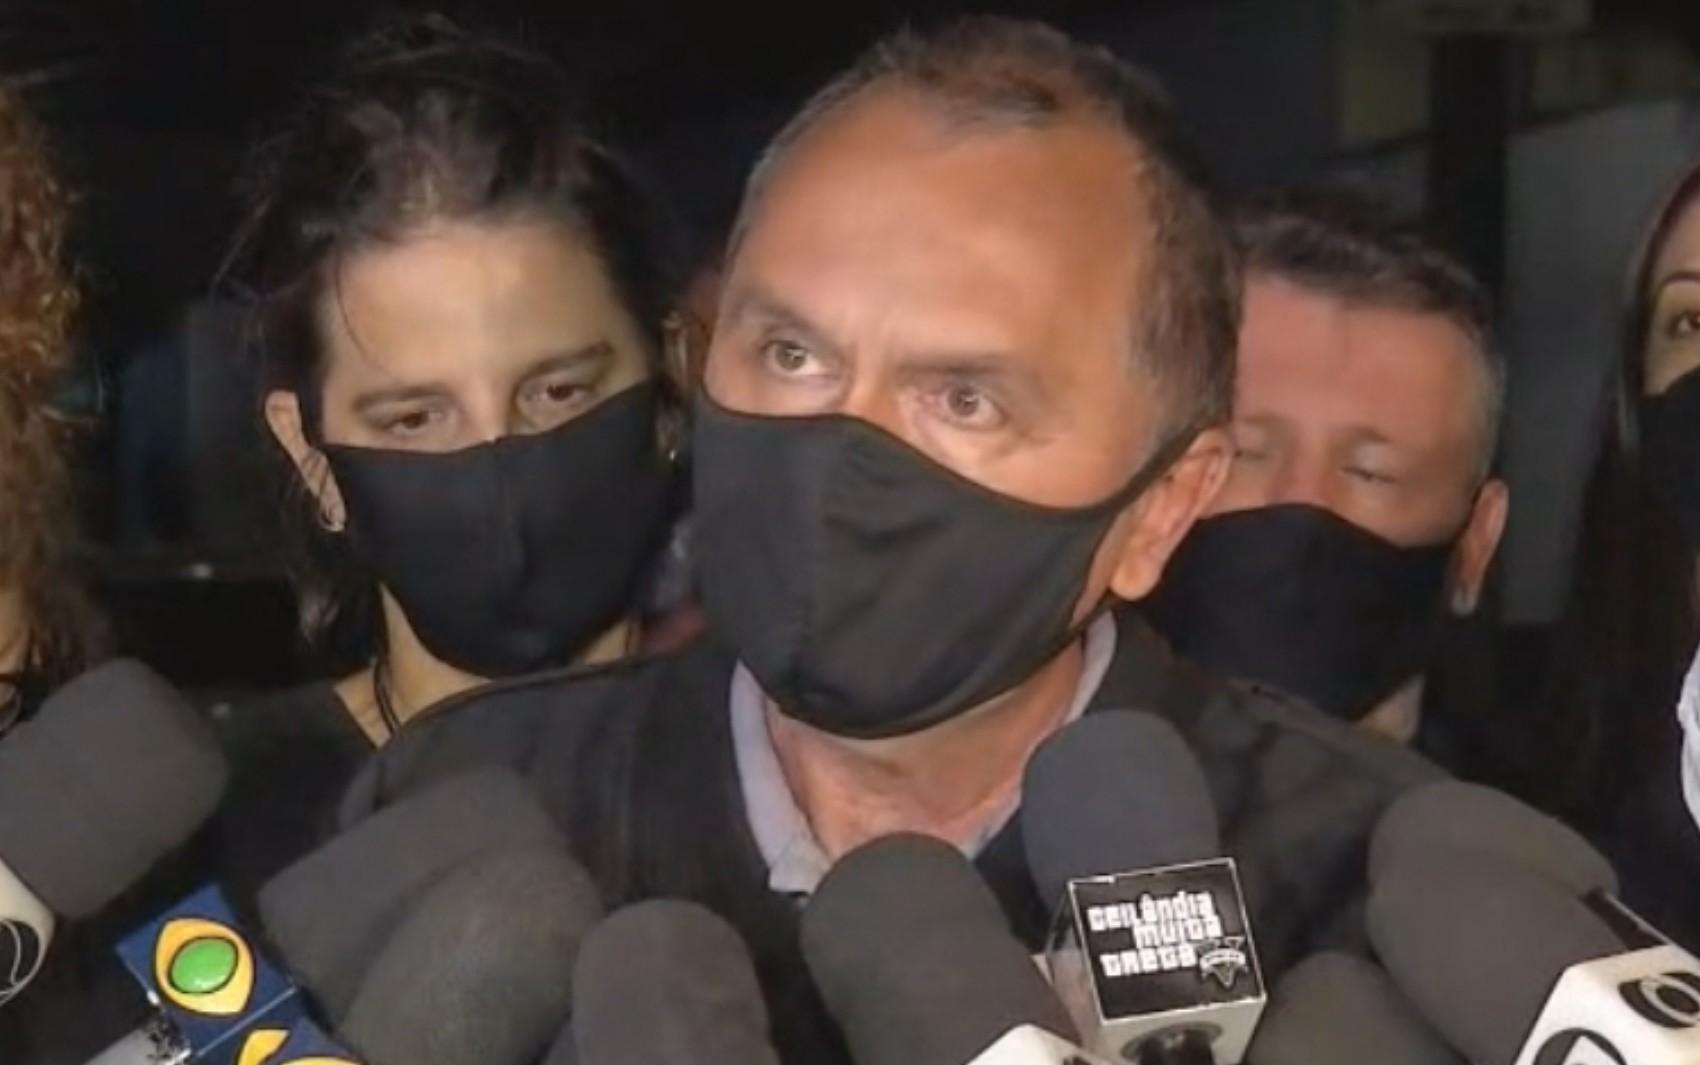 Força-tarefa que procura Lázaro Barbosa tem dois presos por facilitar fuga e encontra esconderijo, diz secretário